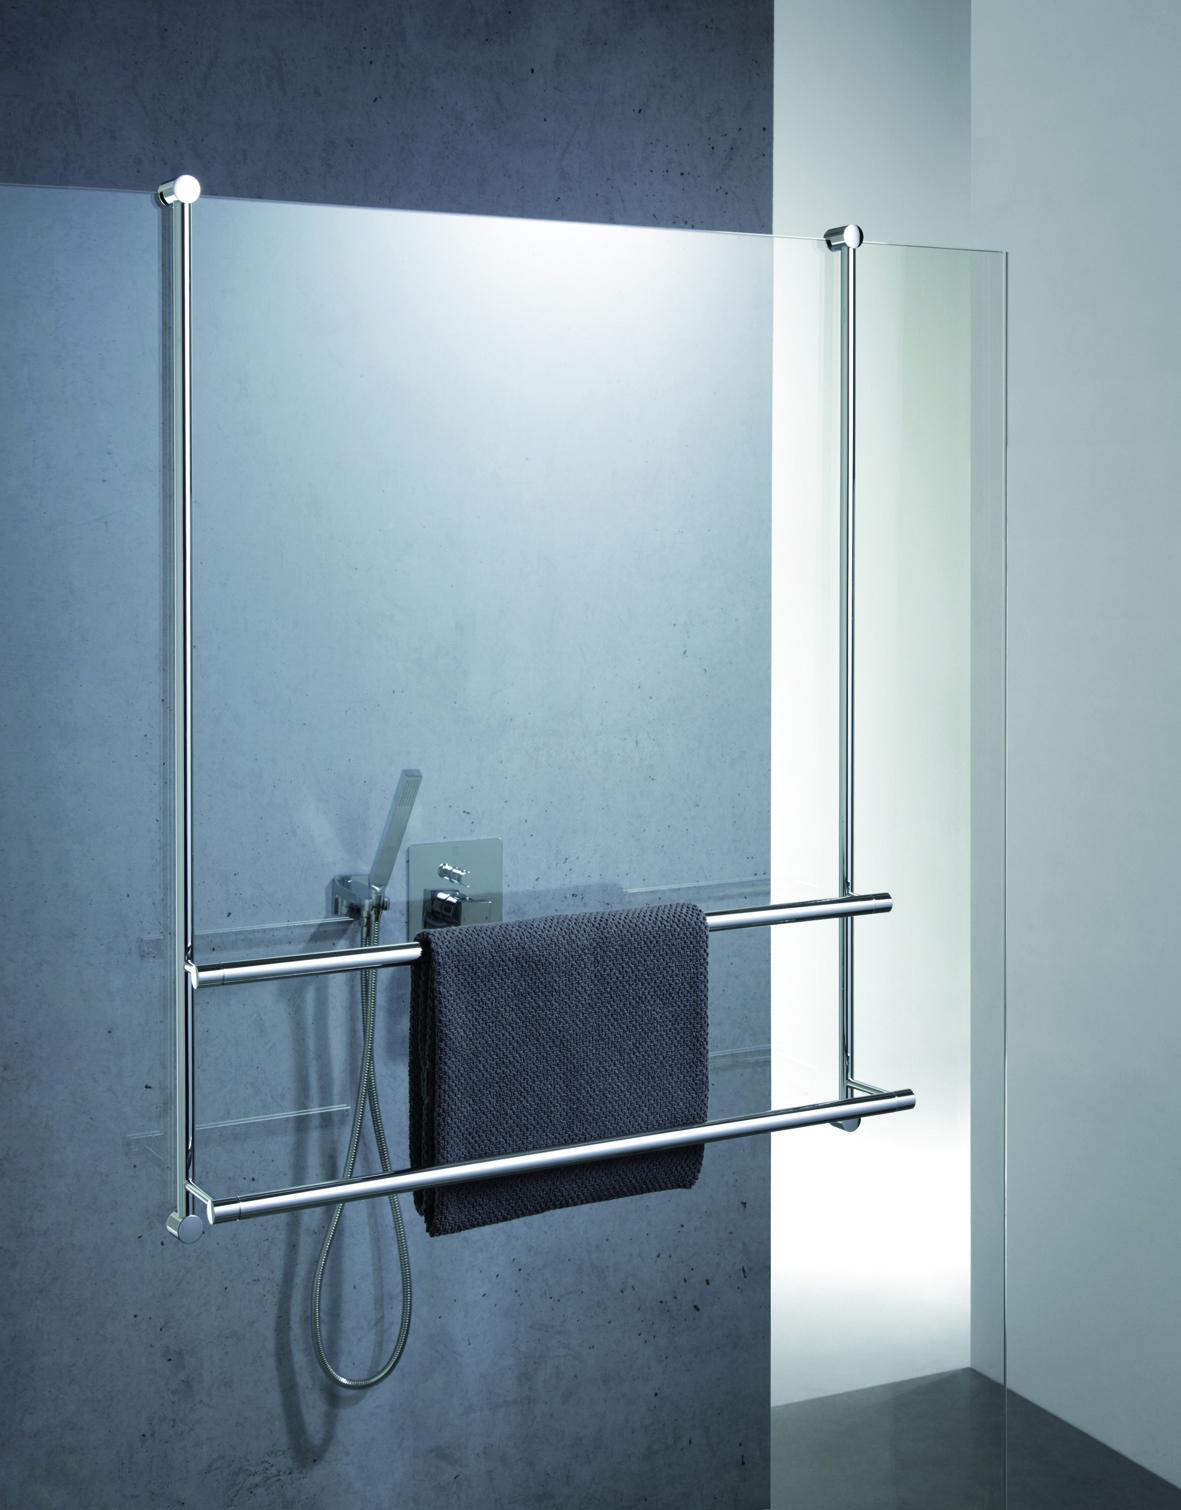 giese server mit 2 hth b 652 mm 30858 02. Black Bedroom Furniture Sets. Home Design Ideas